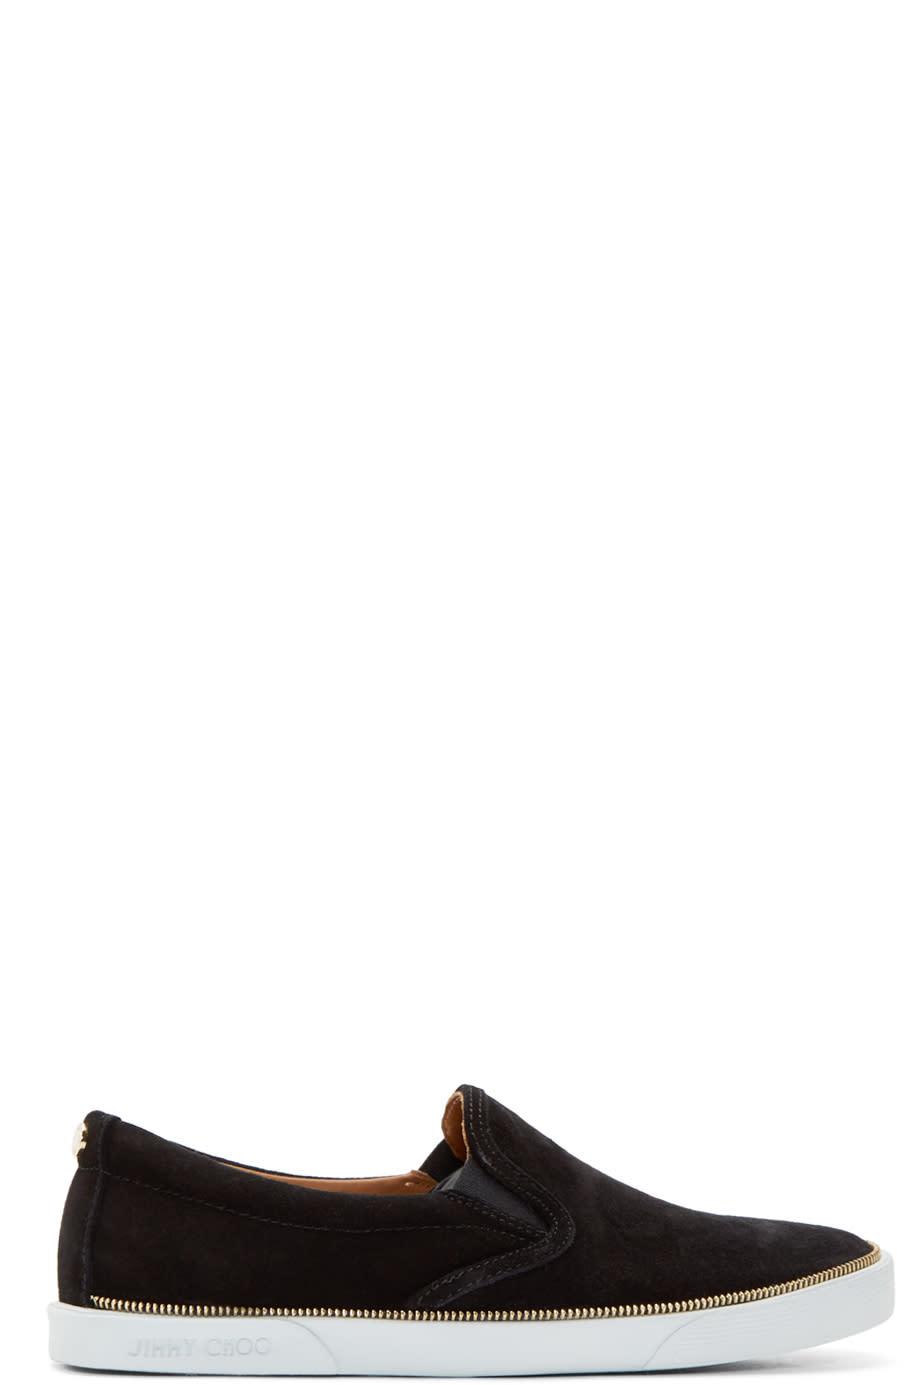 Jimmy Choo Black Suede Zip Trim Sneakers